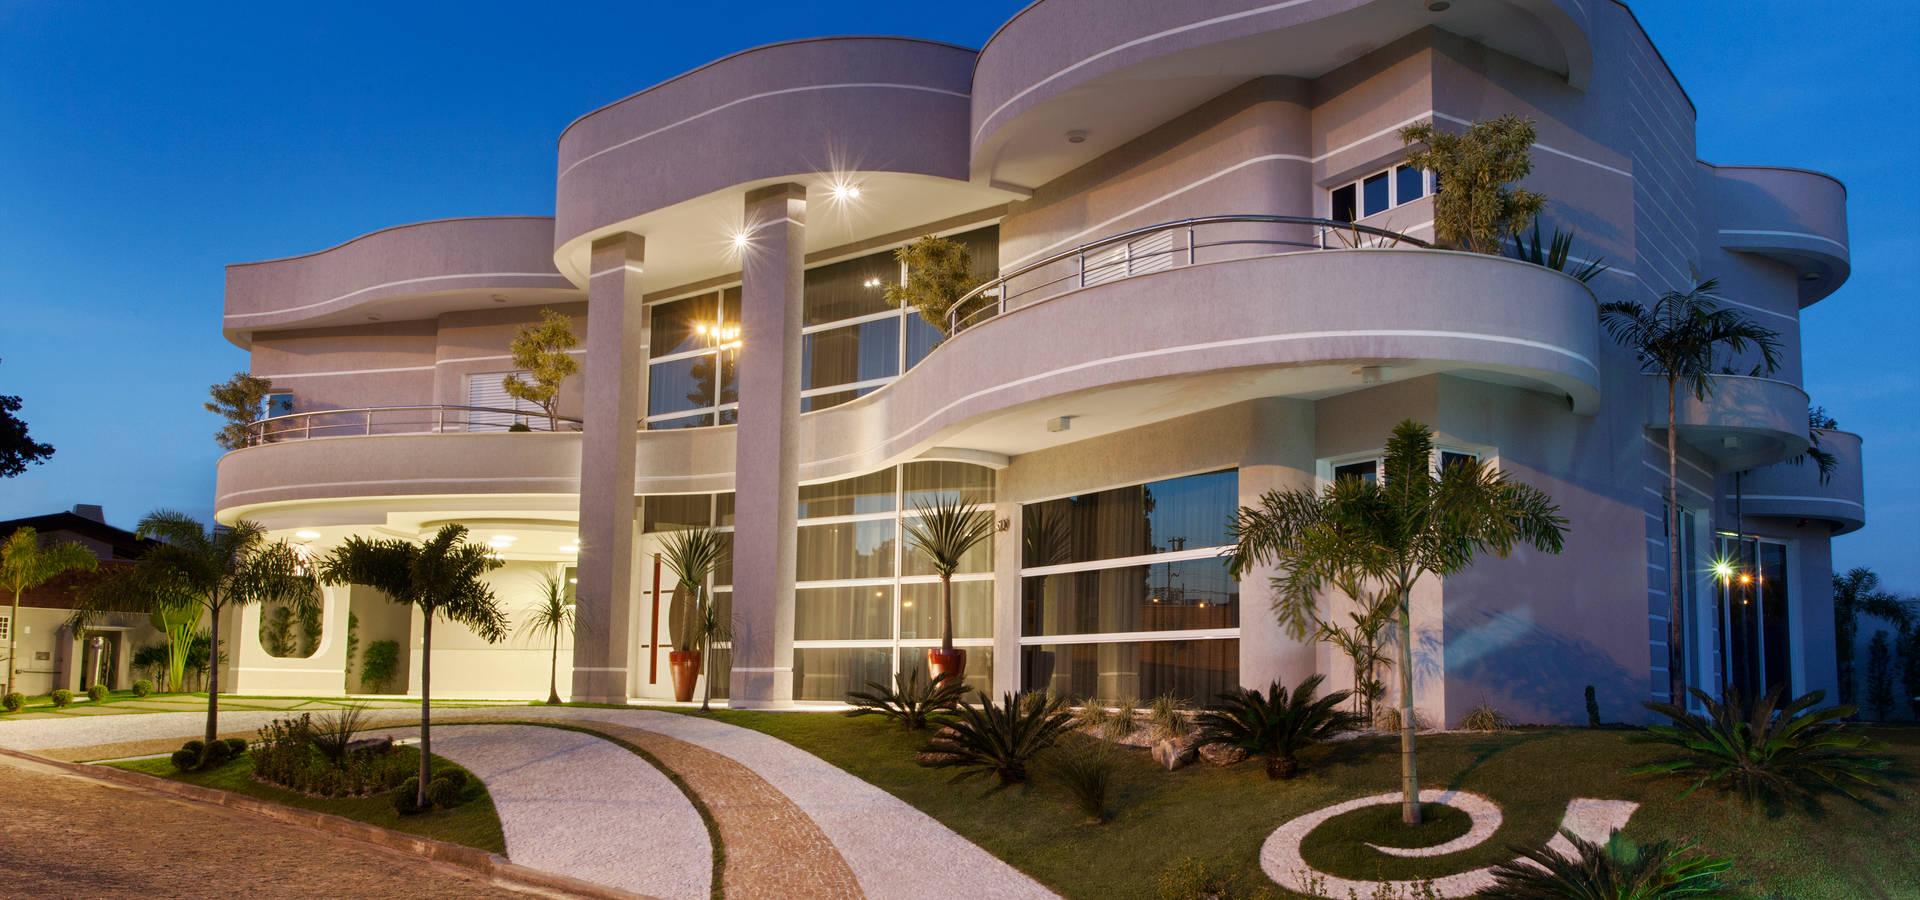 Casa buriti de arquiteto aquiles n colas k laris homify for Homify casas